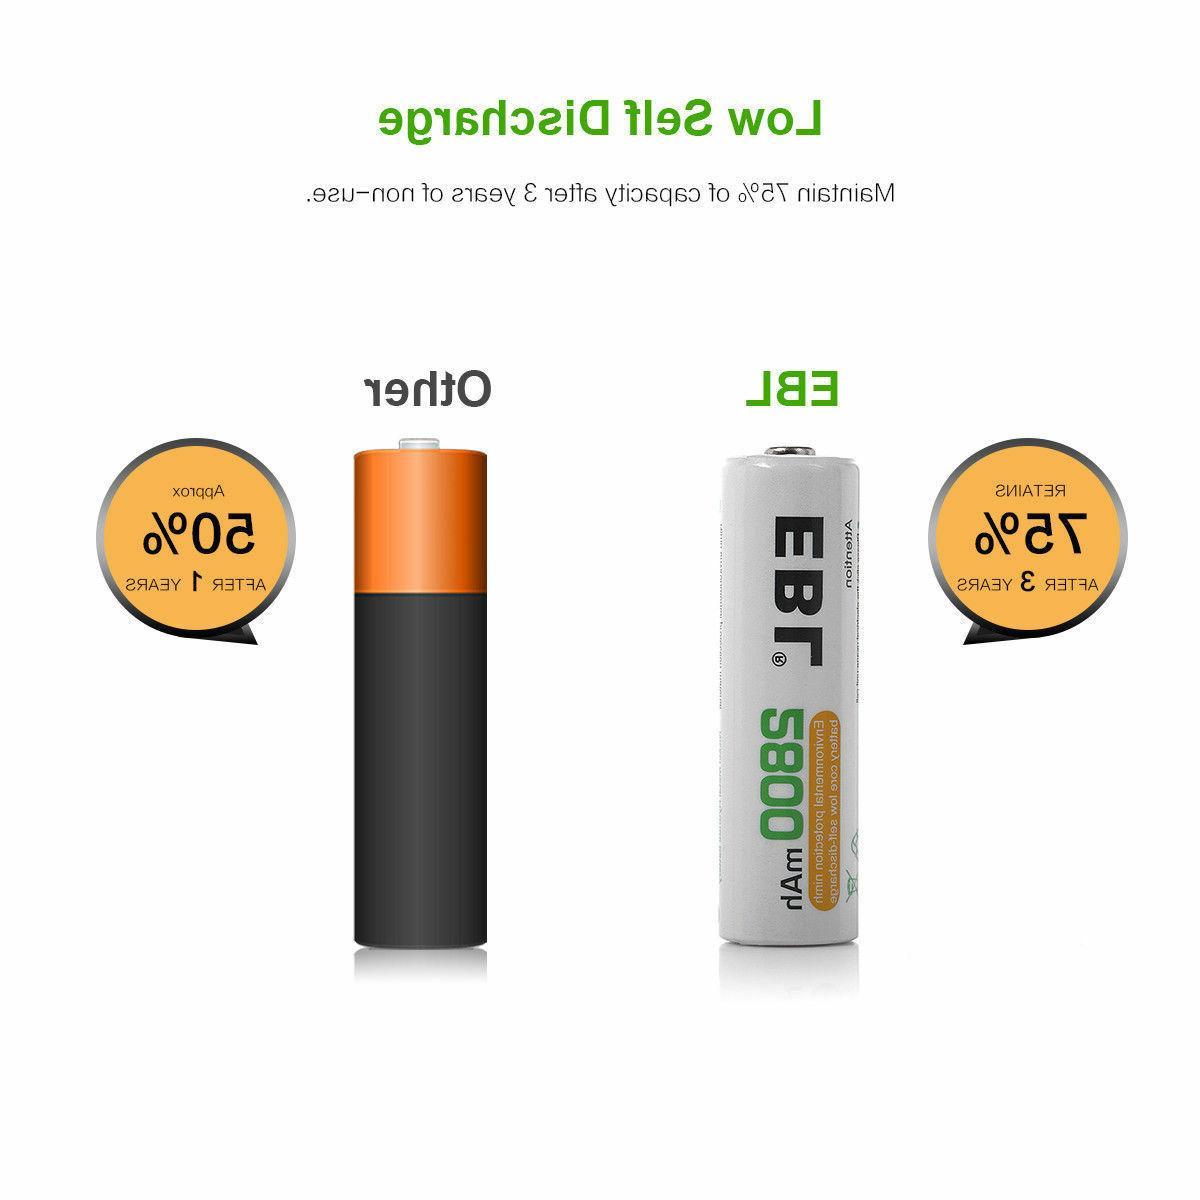 Lot Ni-MH Batteries Slot Smart for Flashlight